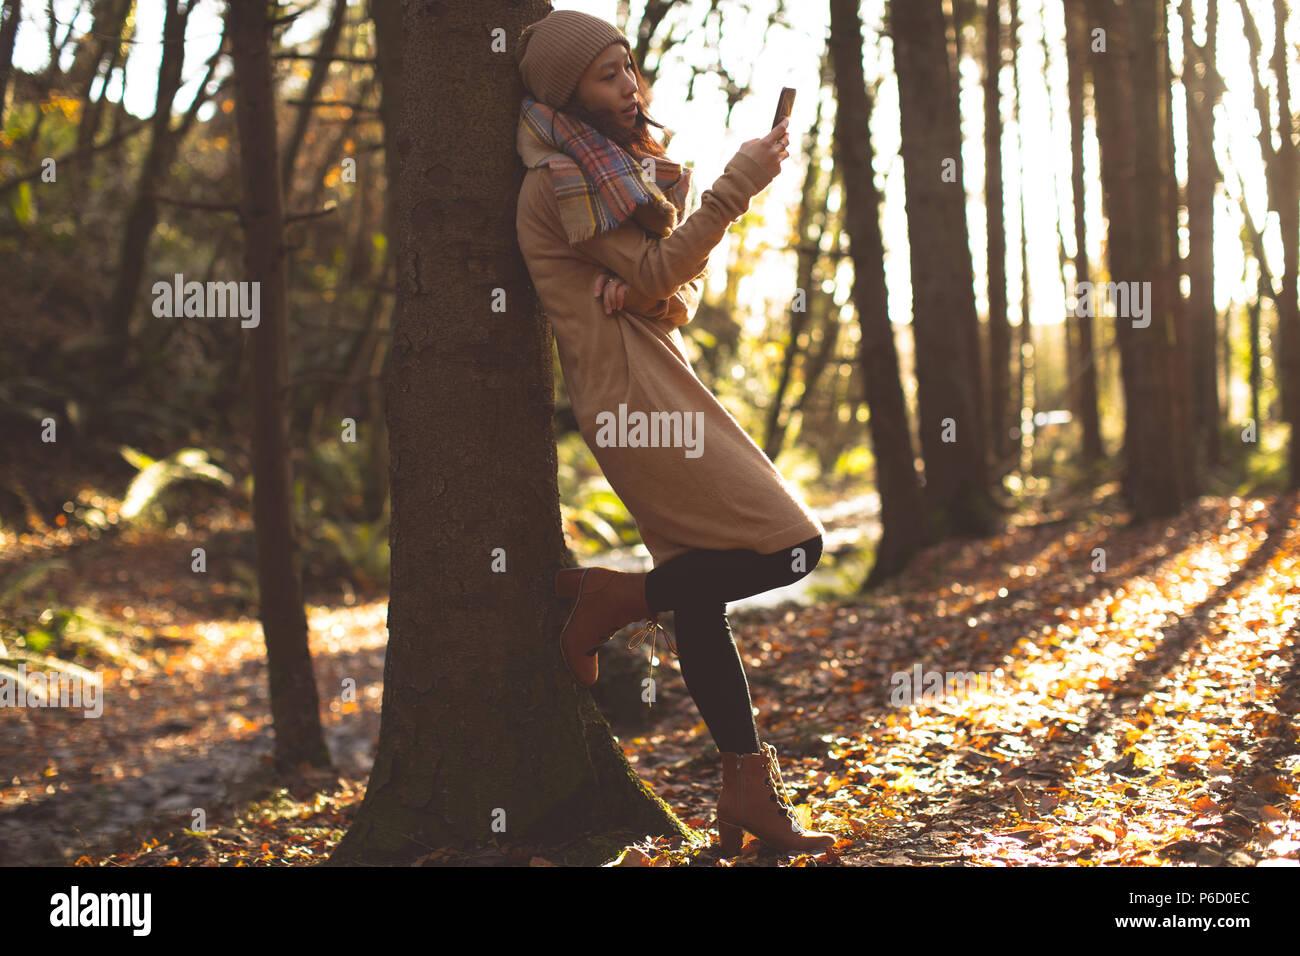 Schöne Frau in warme Kleidung mit Handy Stockfoto